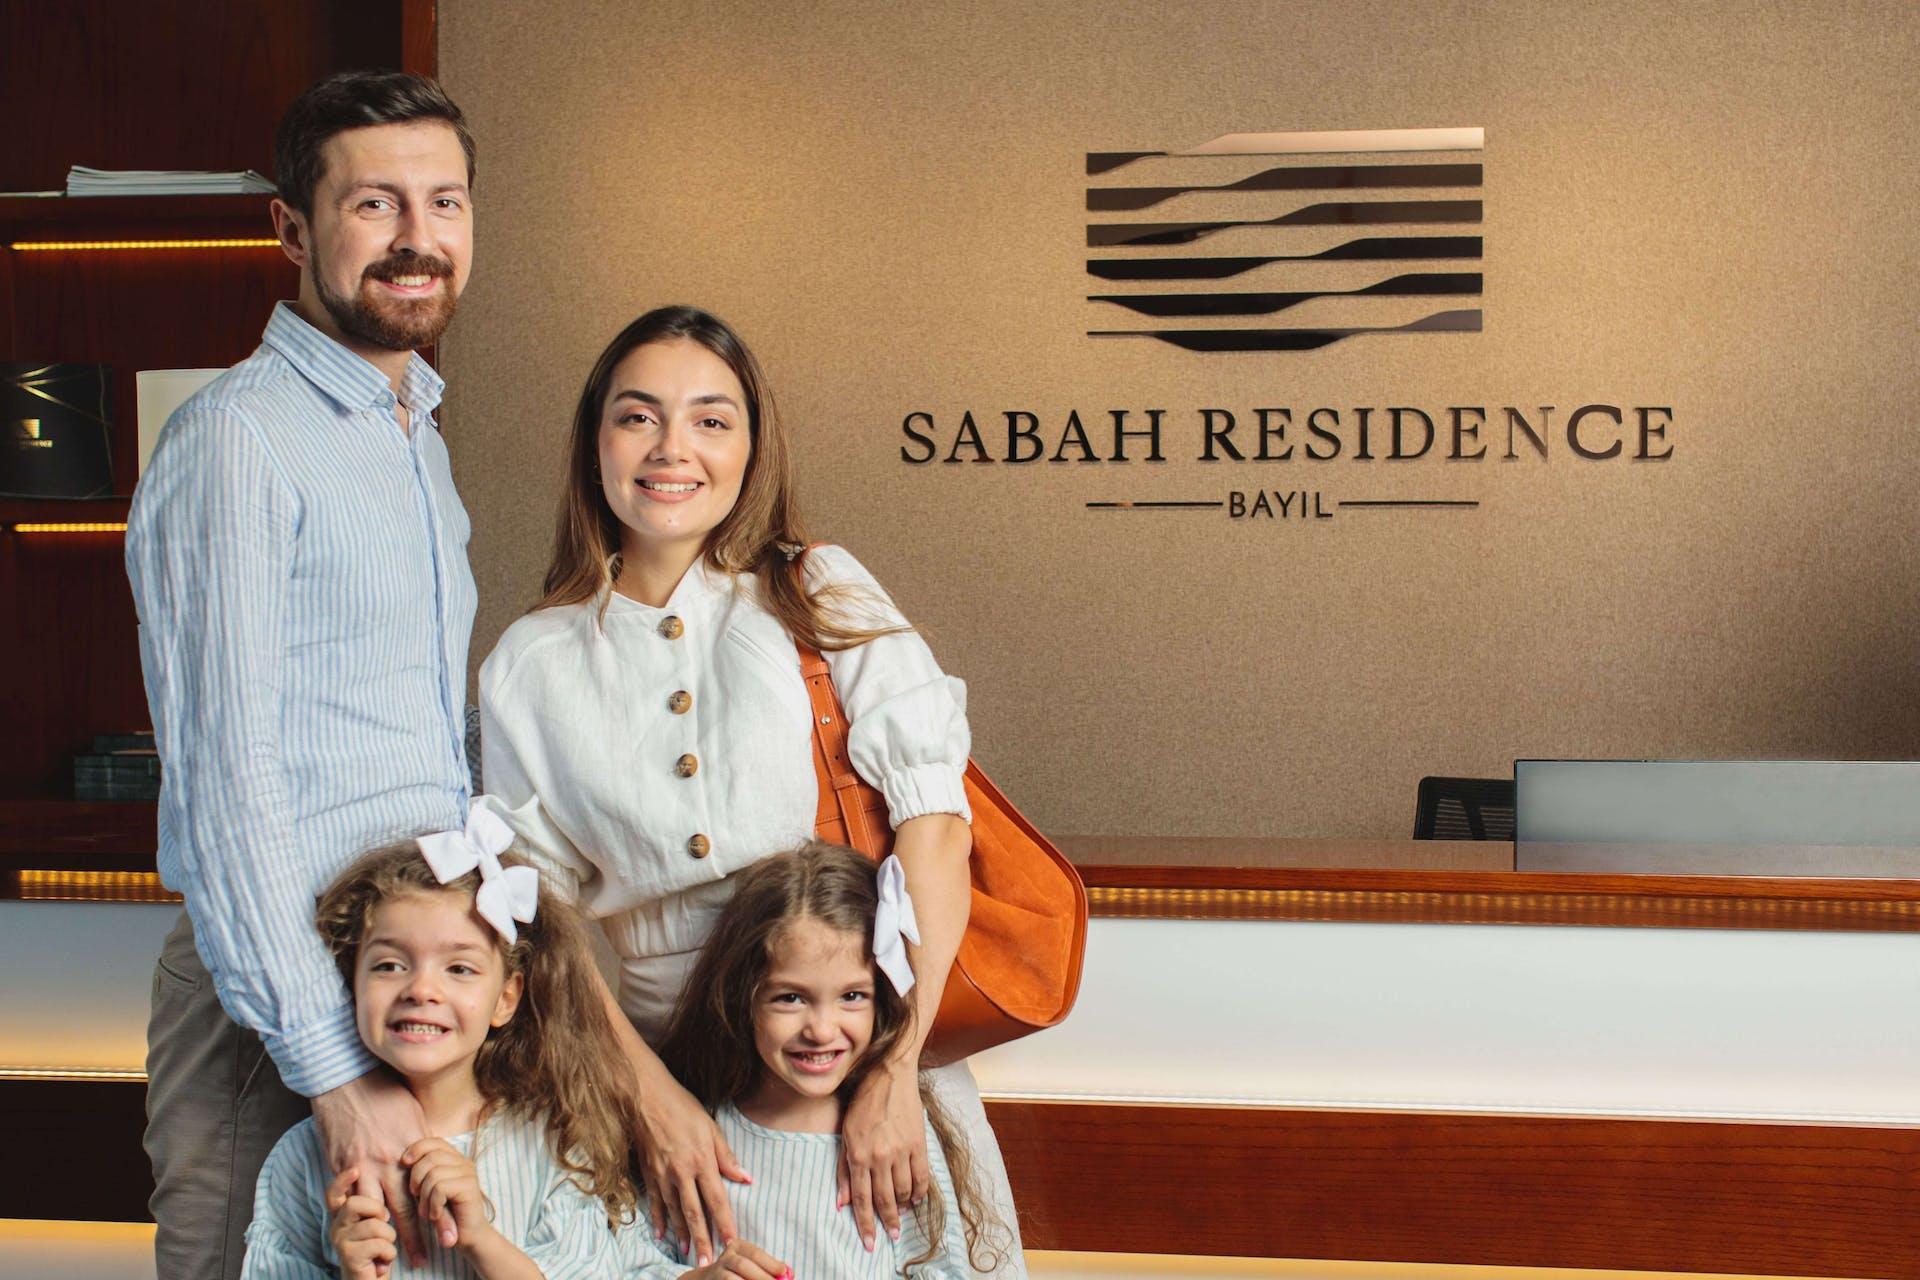 Trenders Sabah Residence